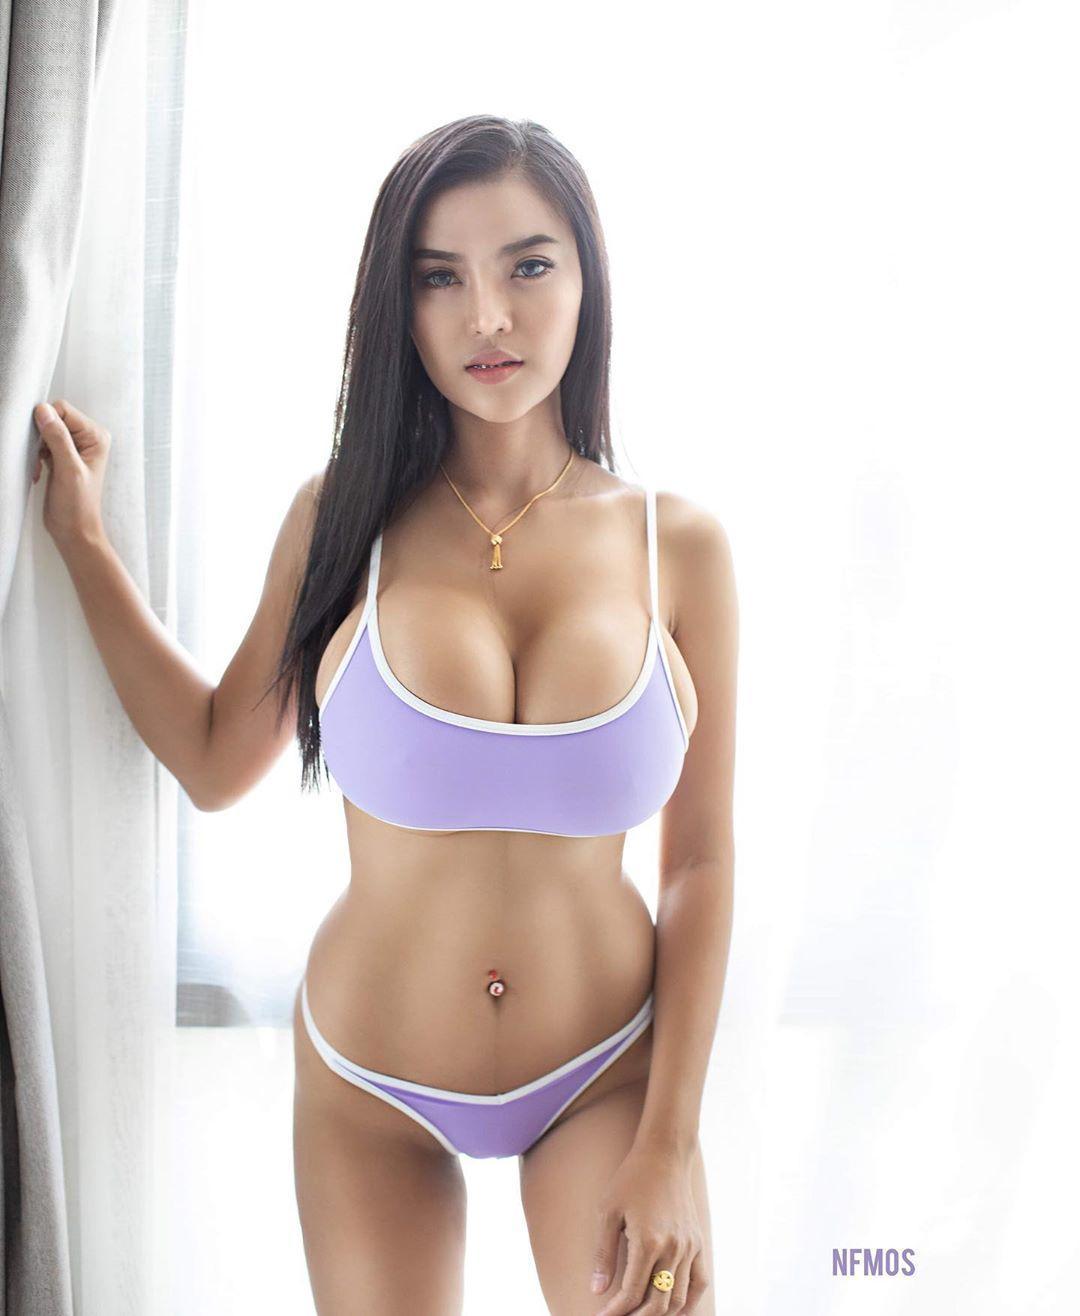 Faii-Orapun-Nude-Instagram-Model-Big-Tits-5